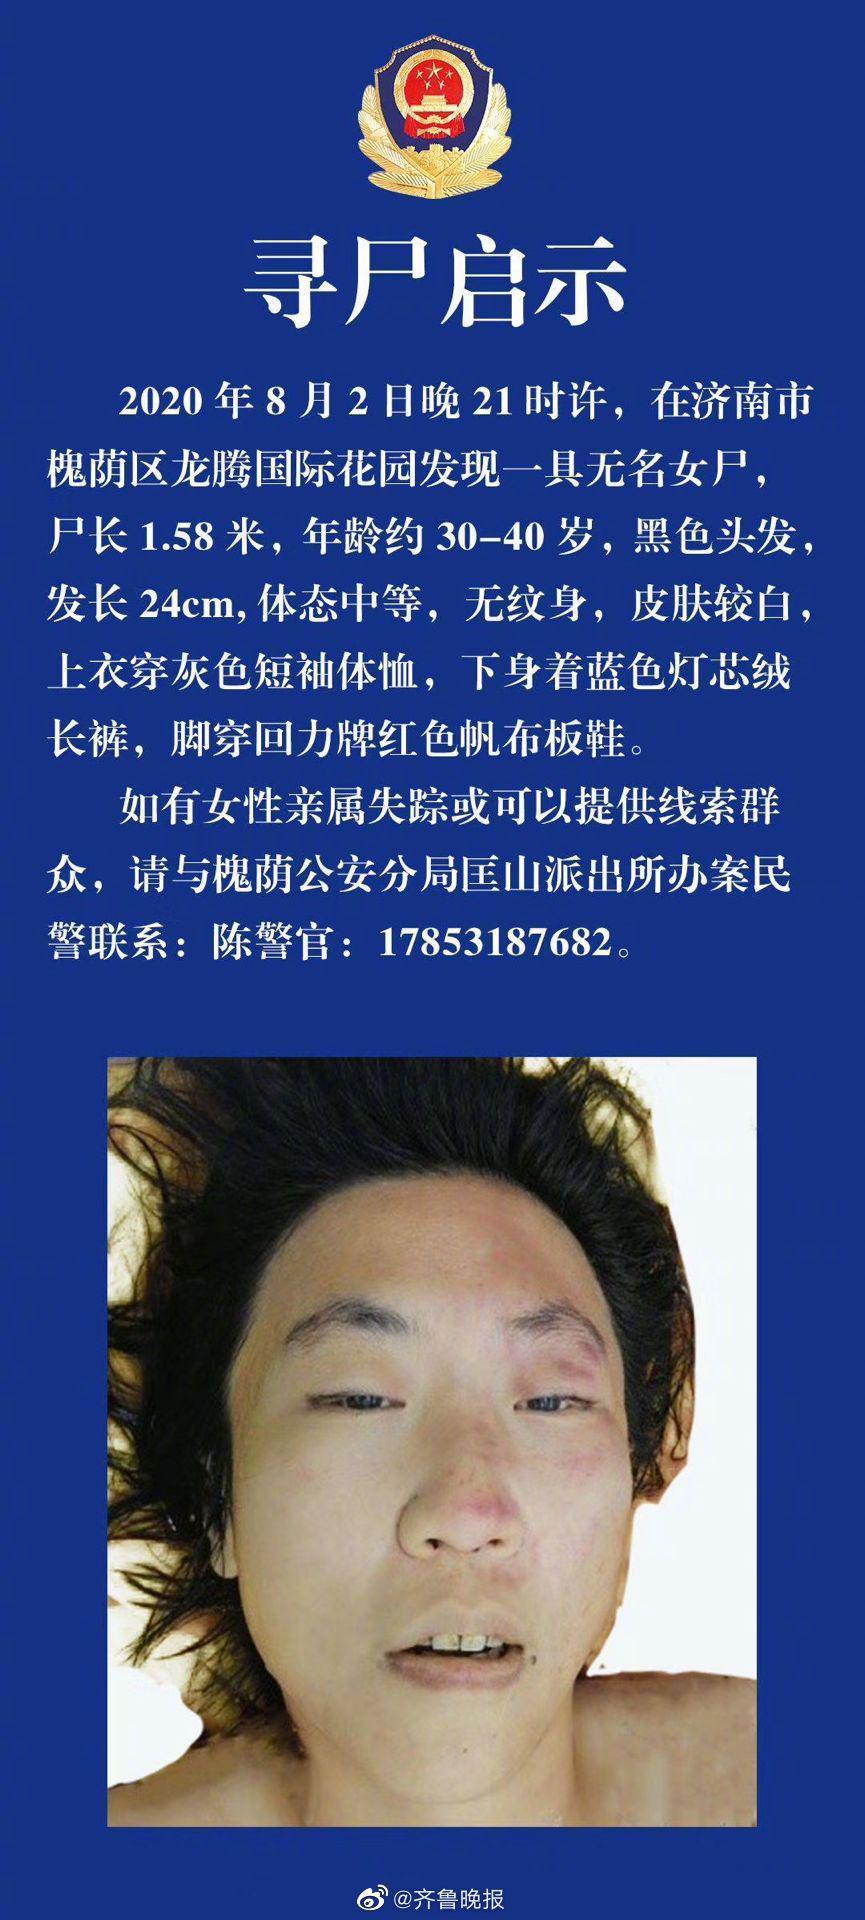 山东济南一小区发现一无名女尸 警方寻找知情人士